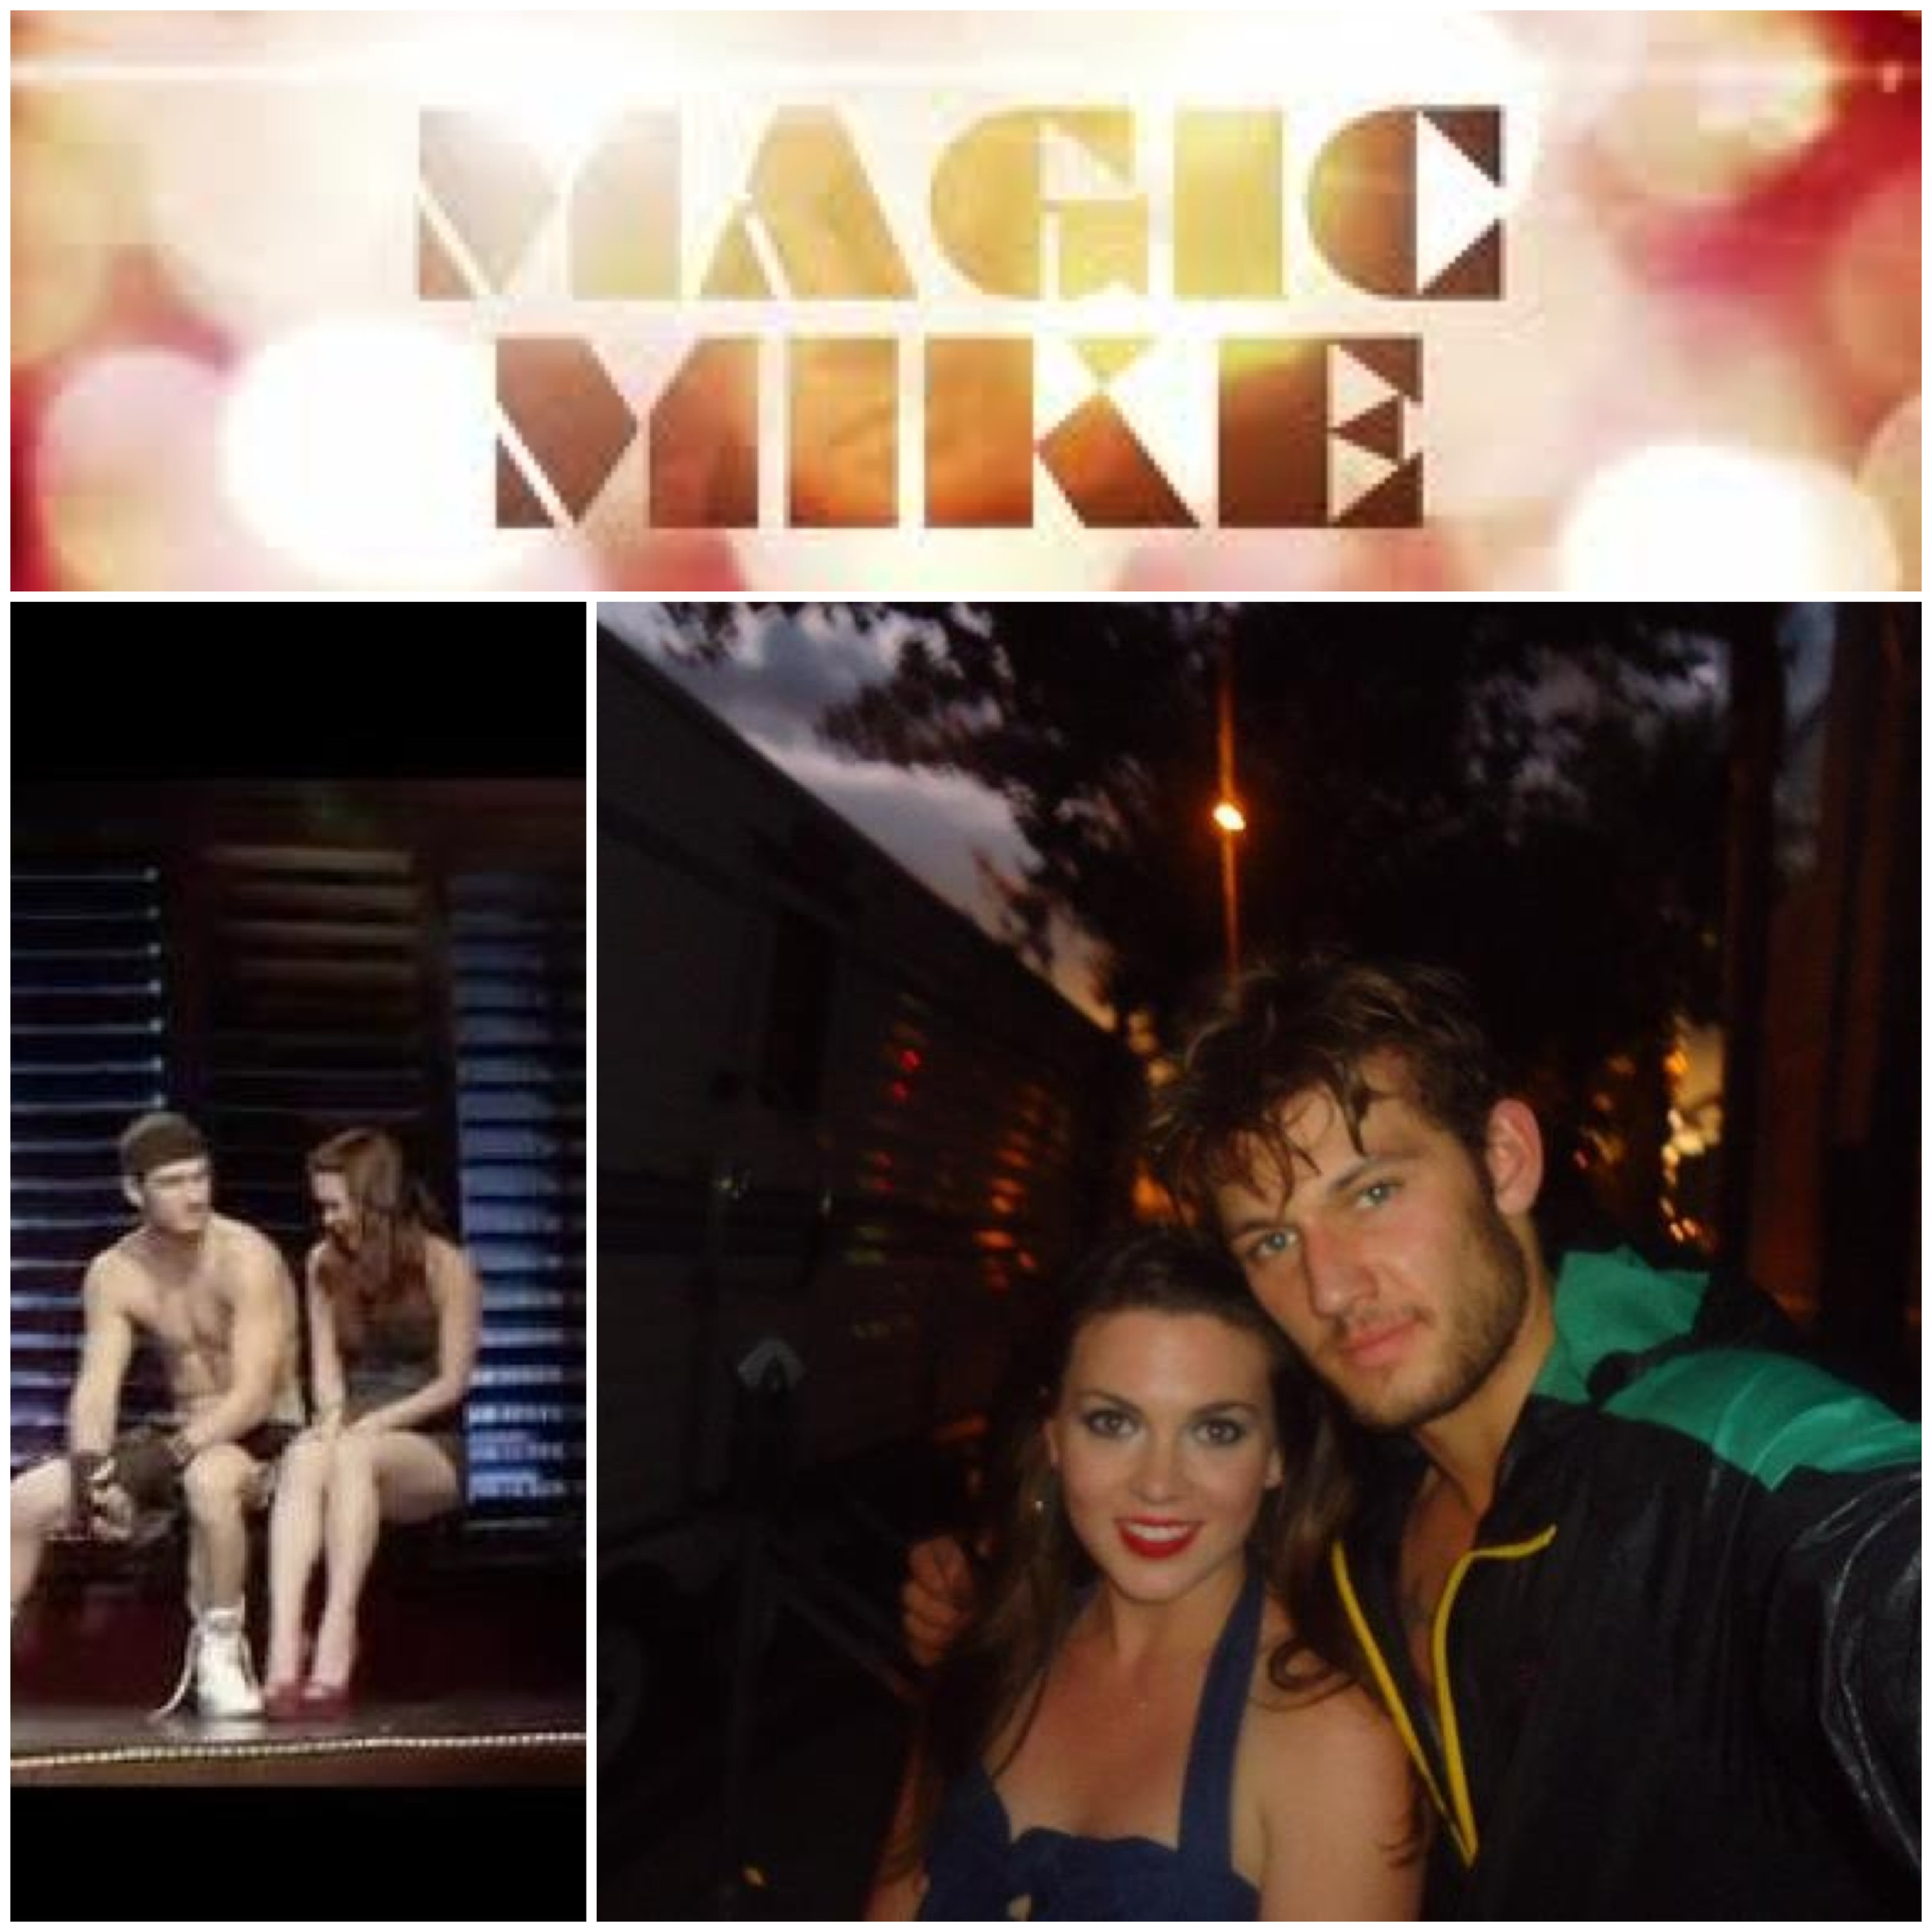 magicmikephotos